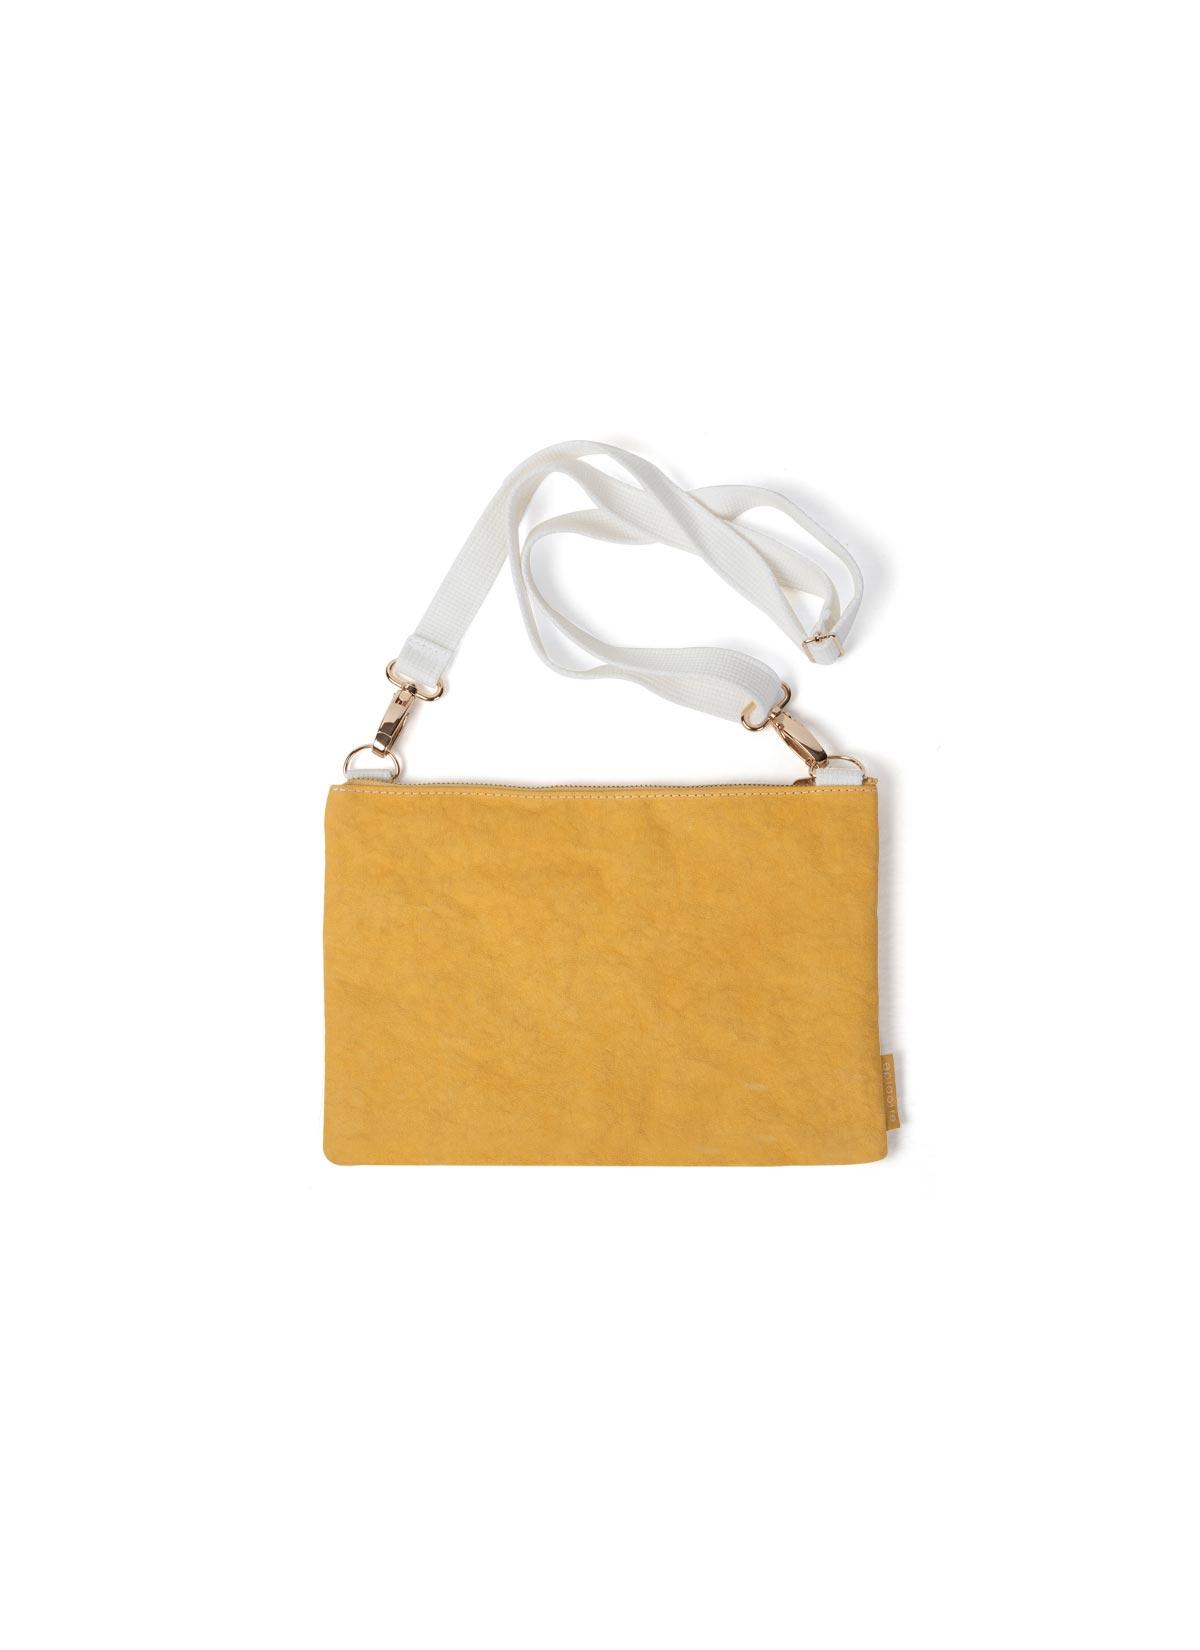 Ipad Case Mustard